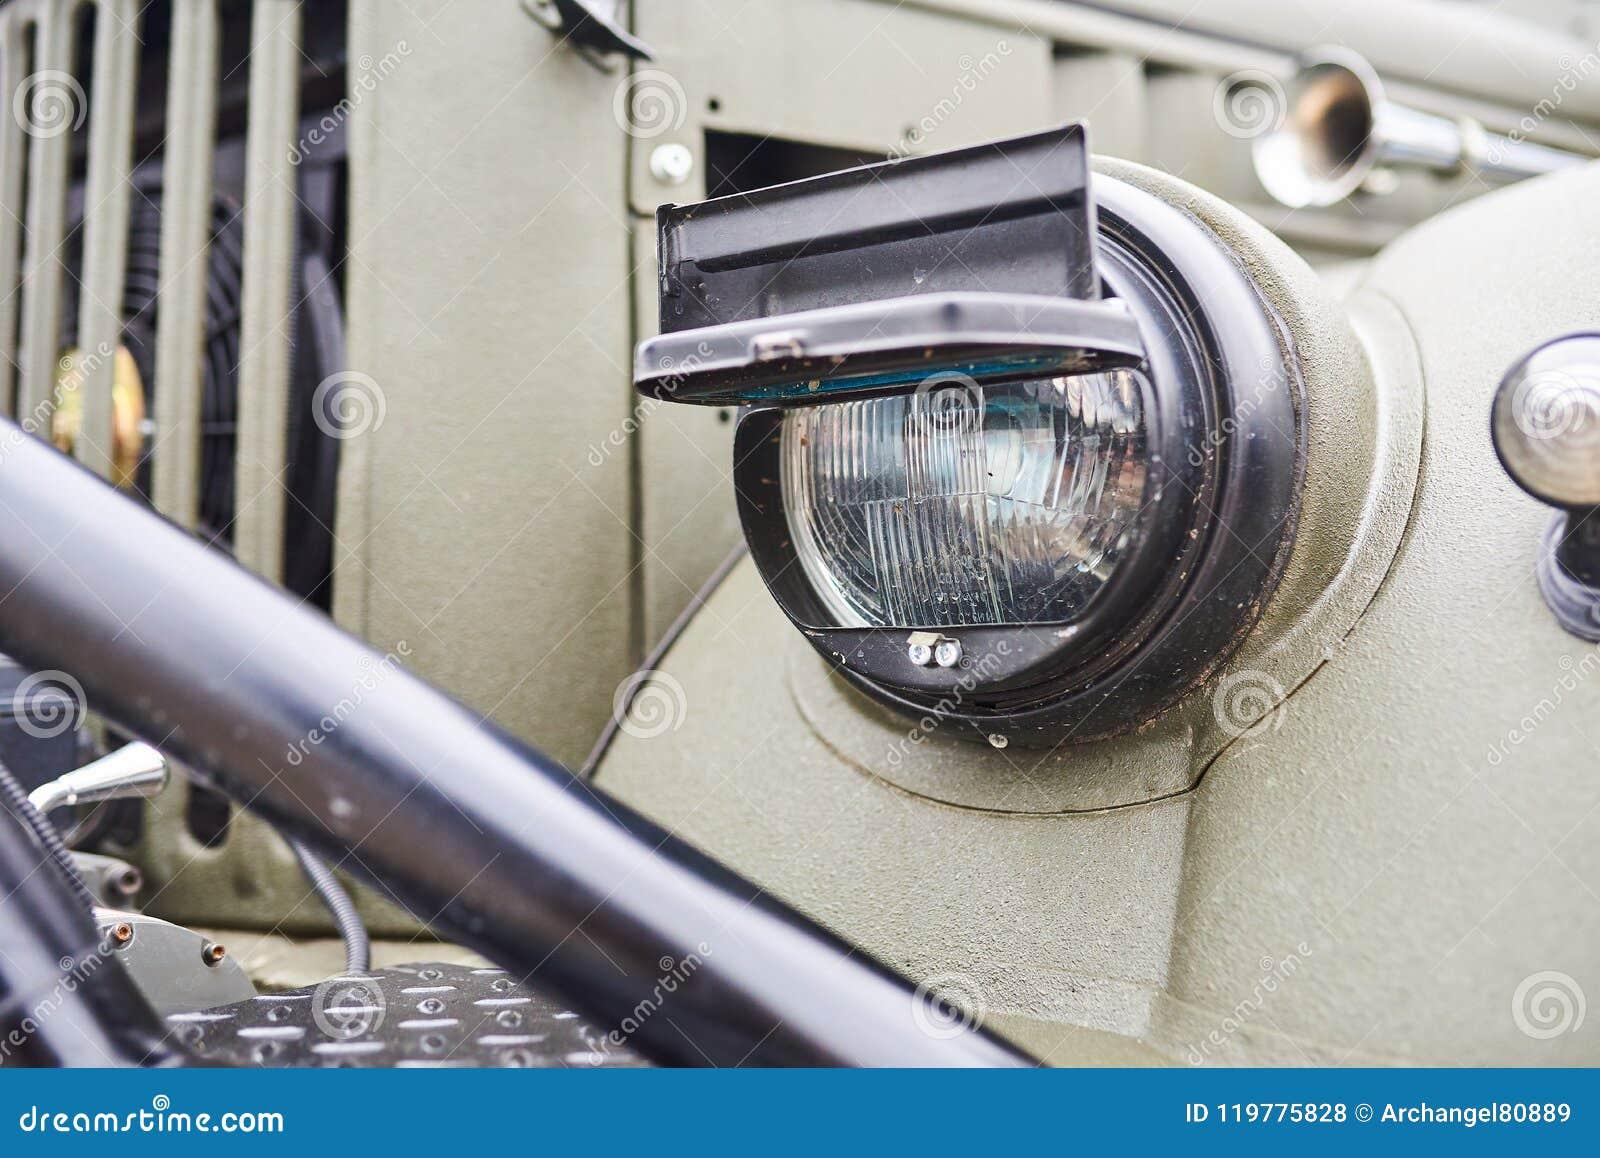 52b18e02d Linterna Acorazada Del Vehículo Militar Foto de archivo - Imagen de ...